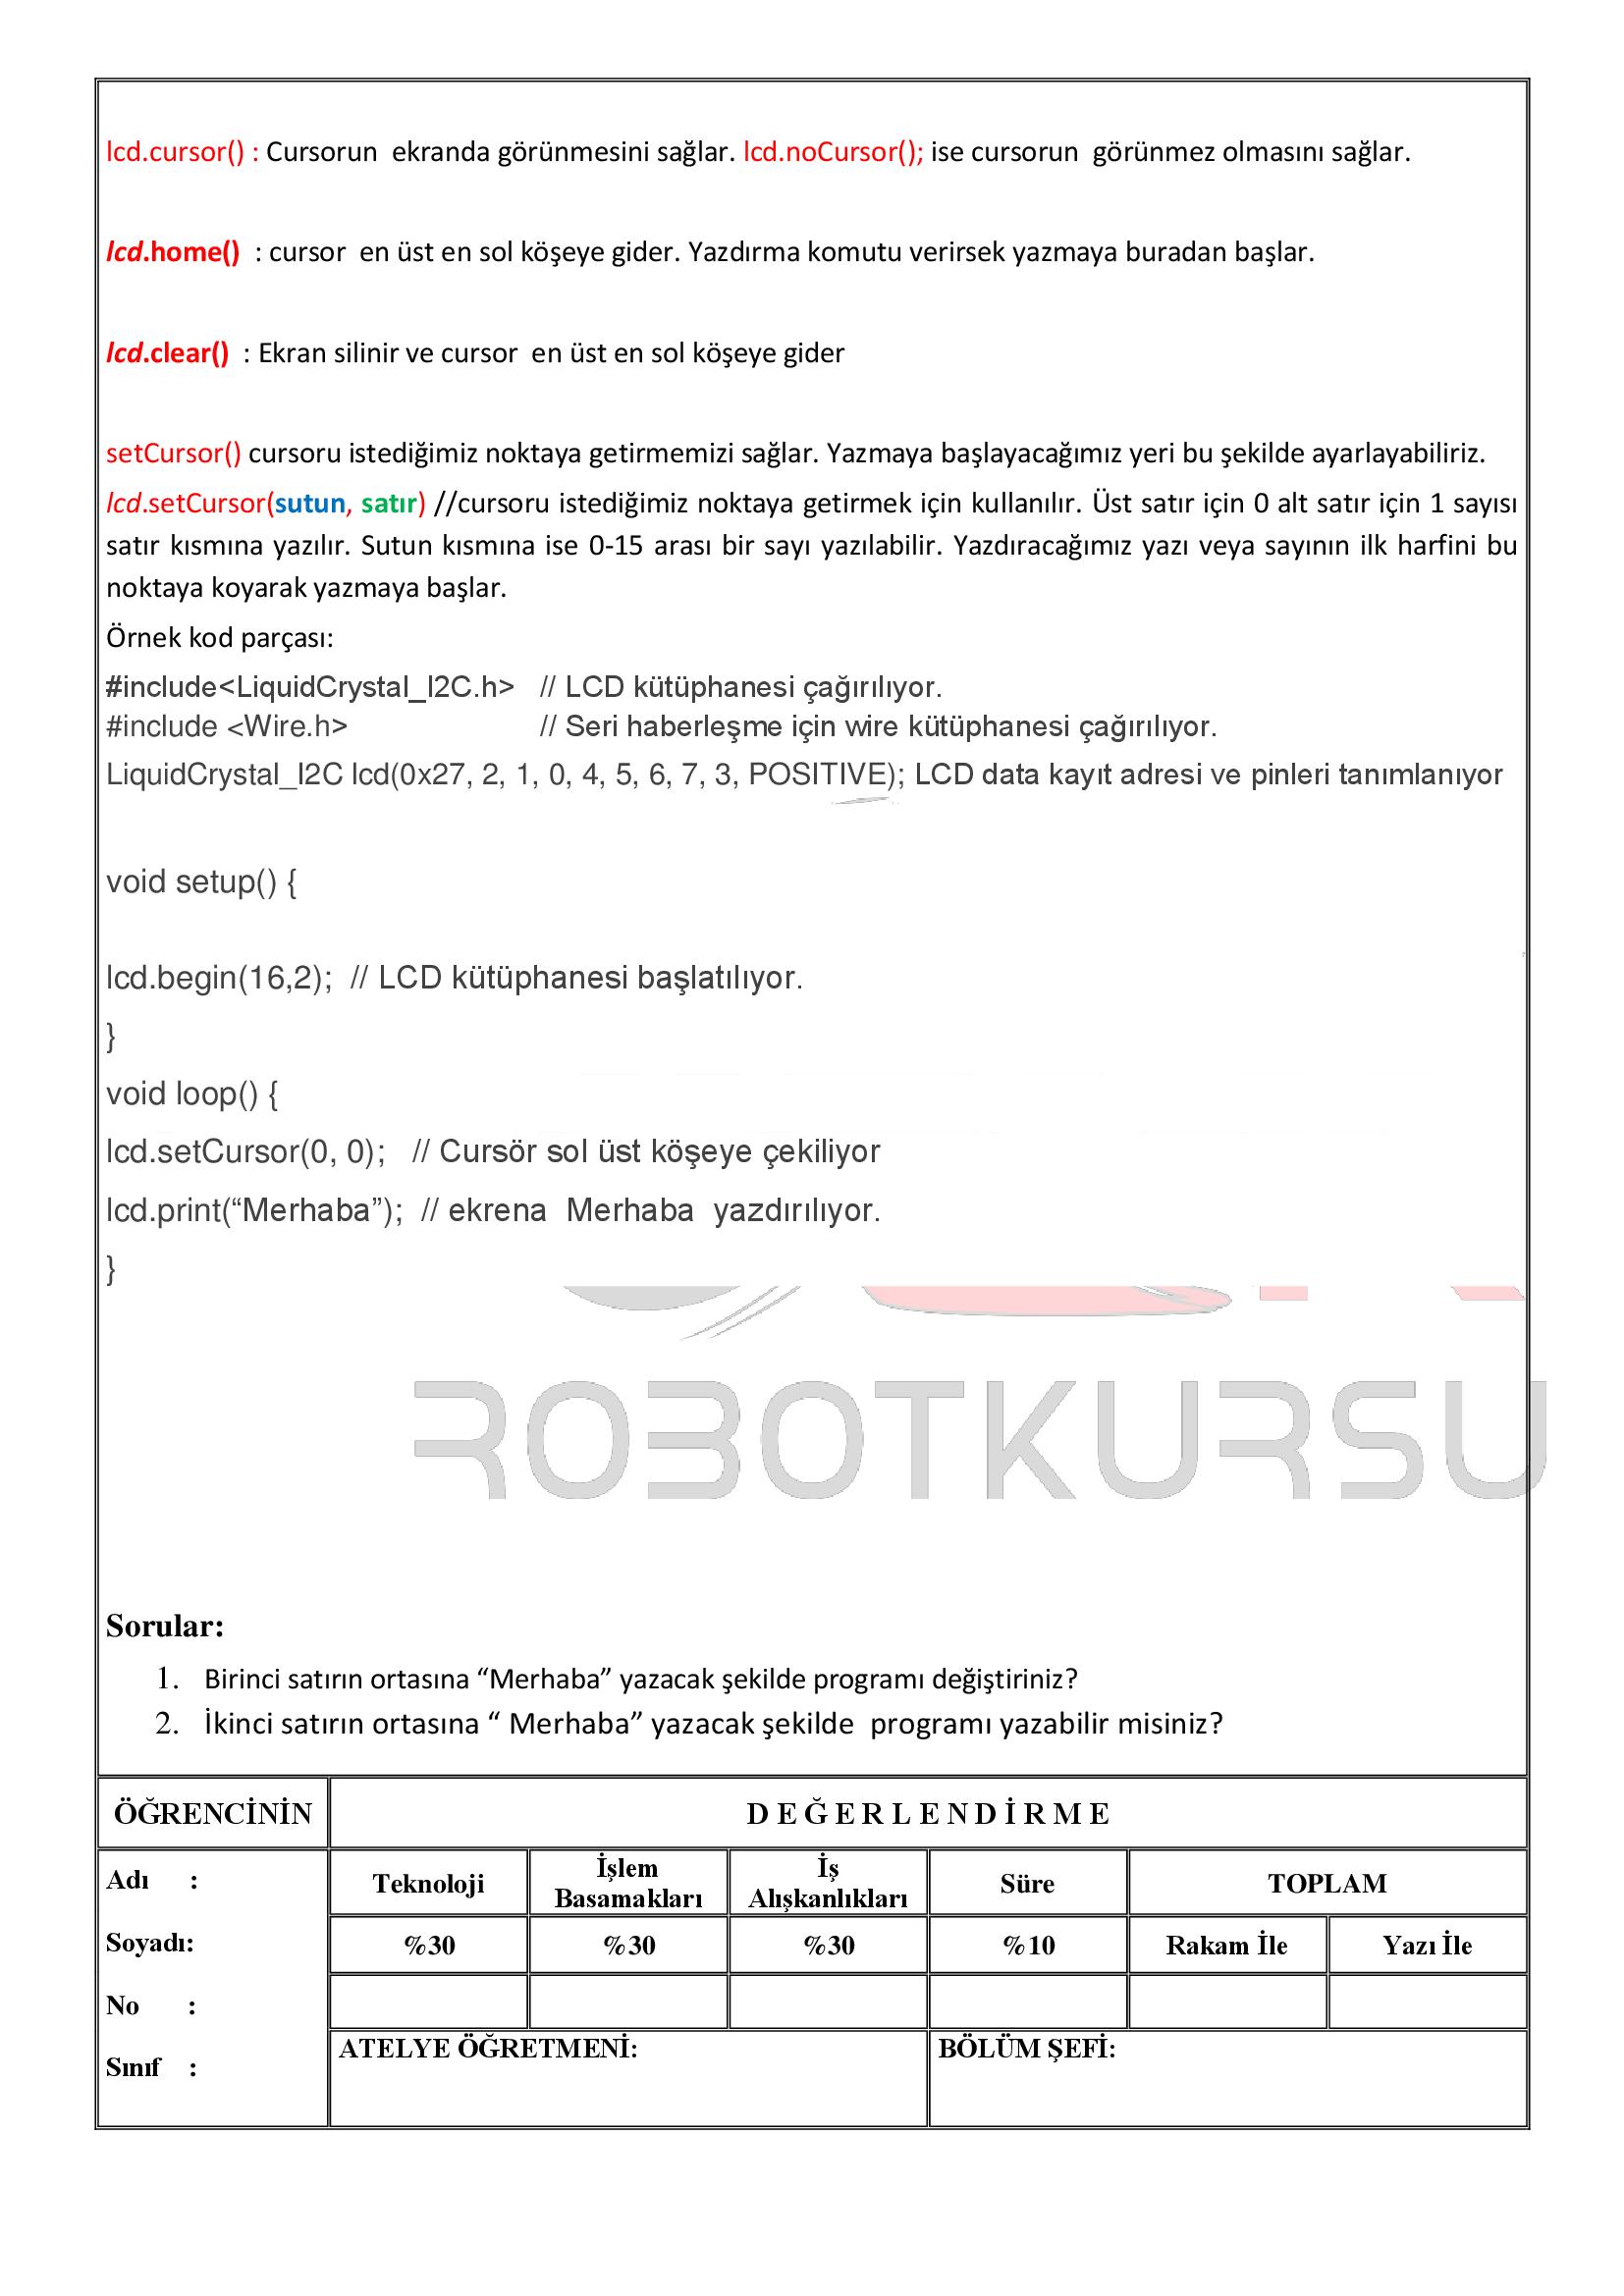 Temrin 114 : LCD kullanımı